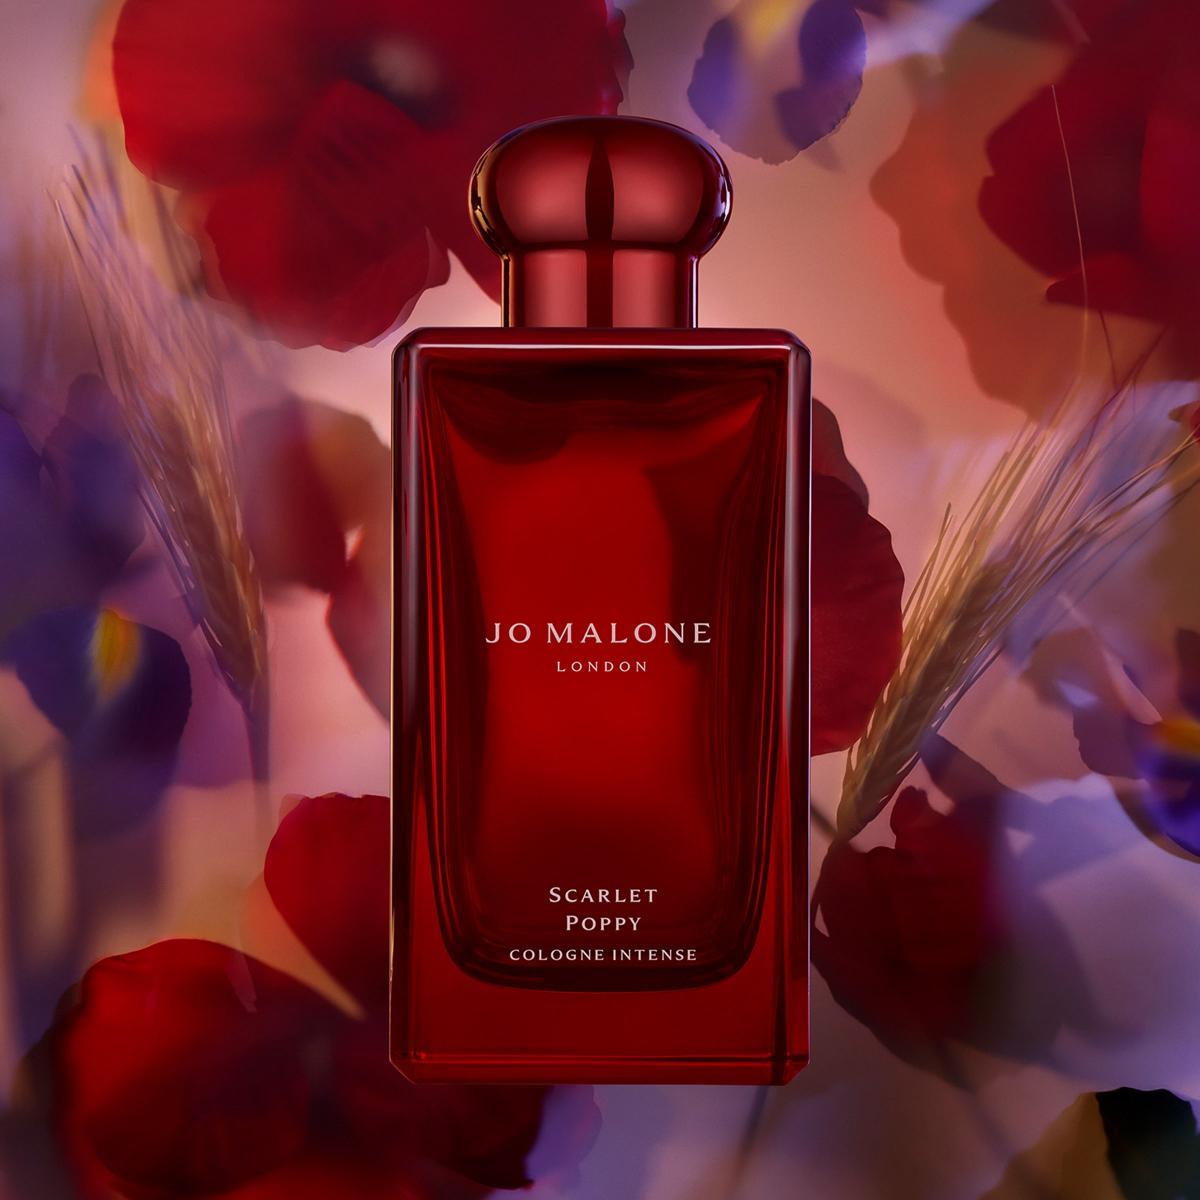 2021香水推薦Top 12!Chanel、Jo Malone、Dior、Tom Ford...男人回頭率直逼200%的香味-3